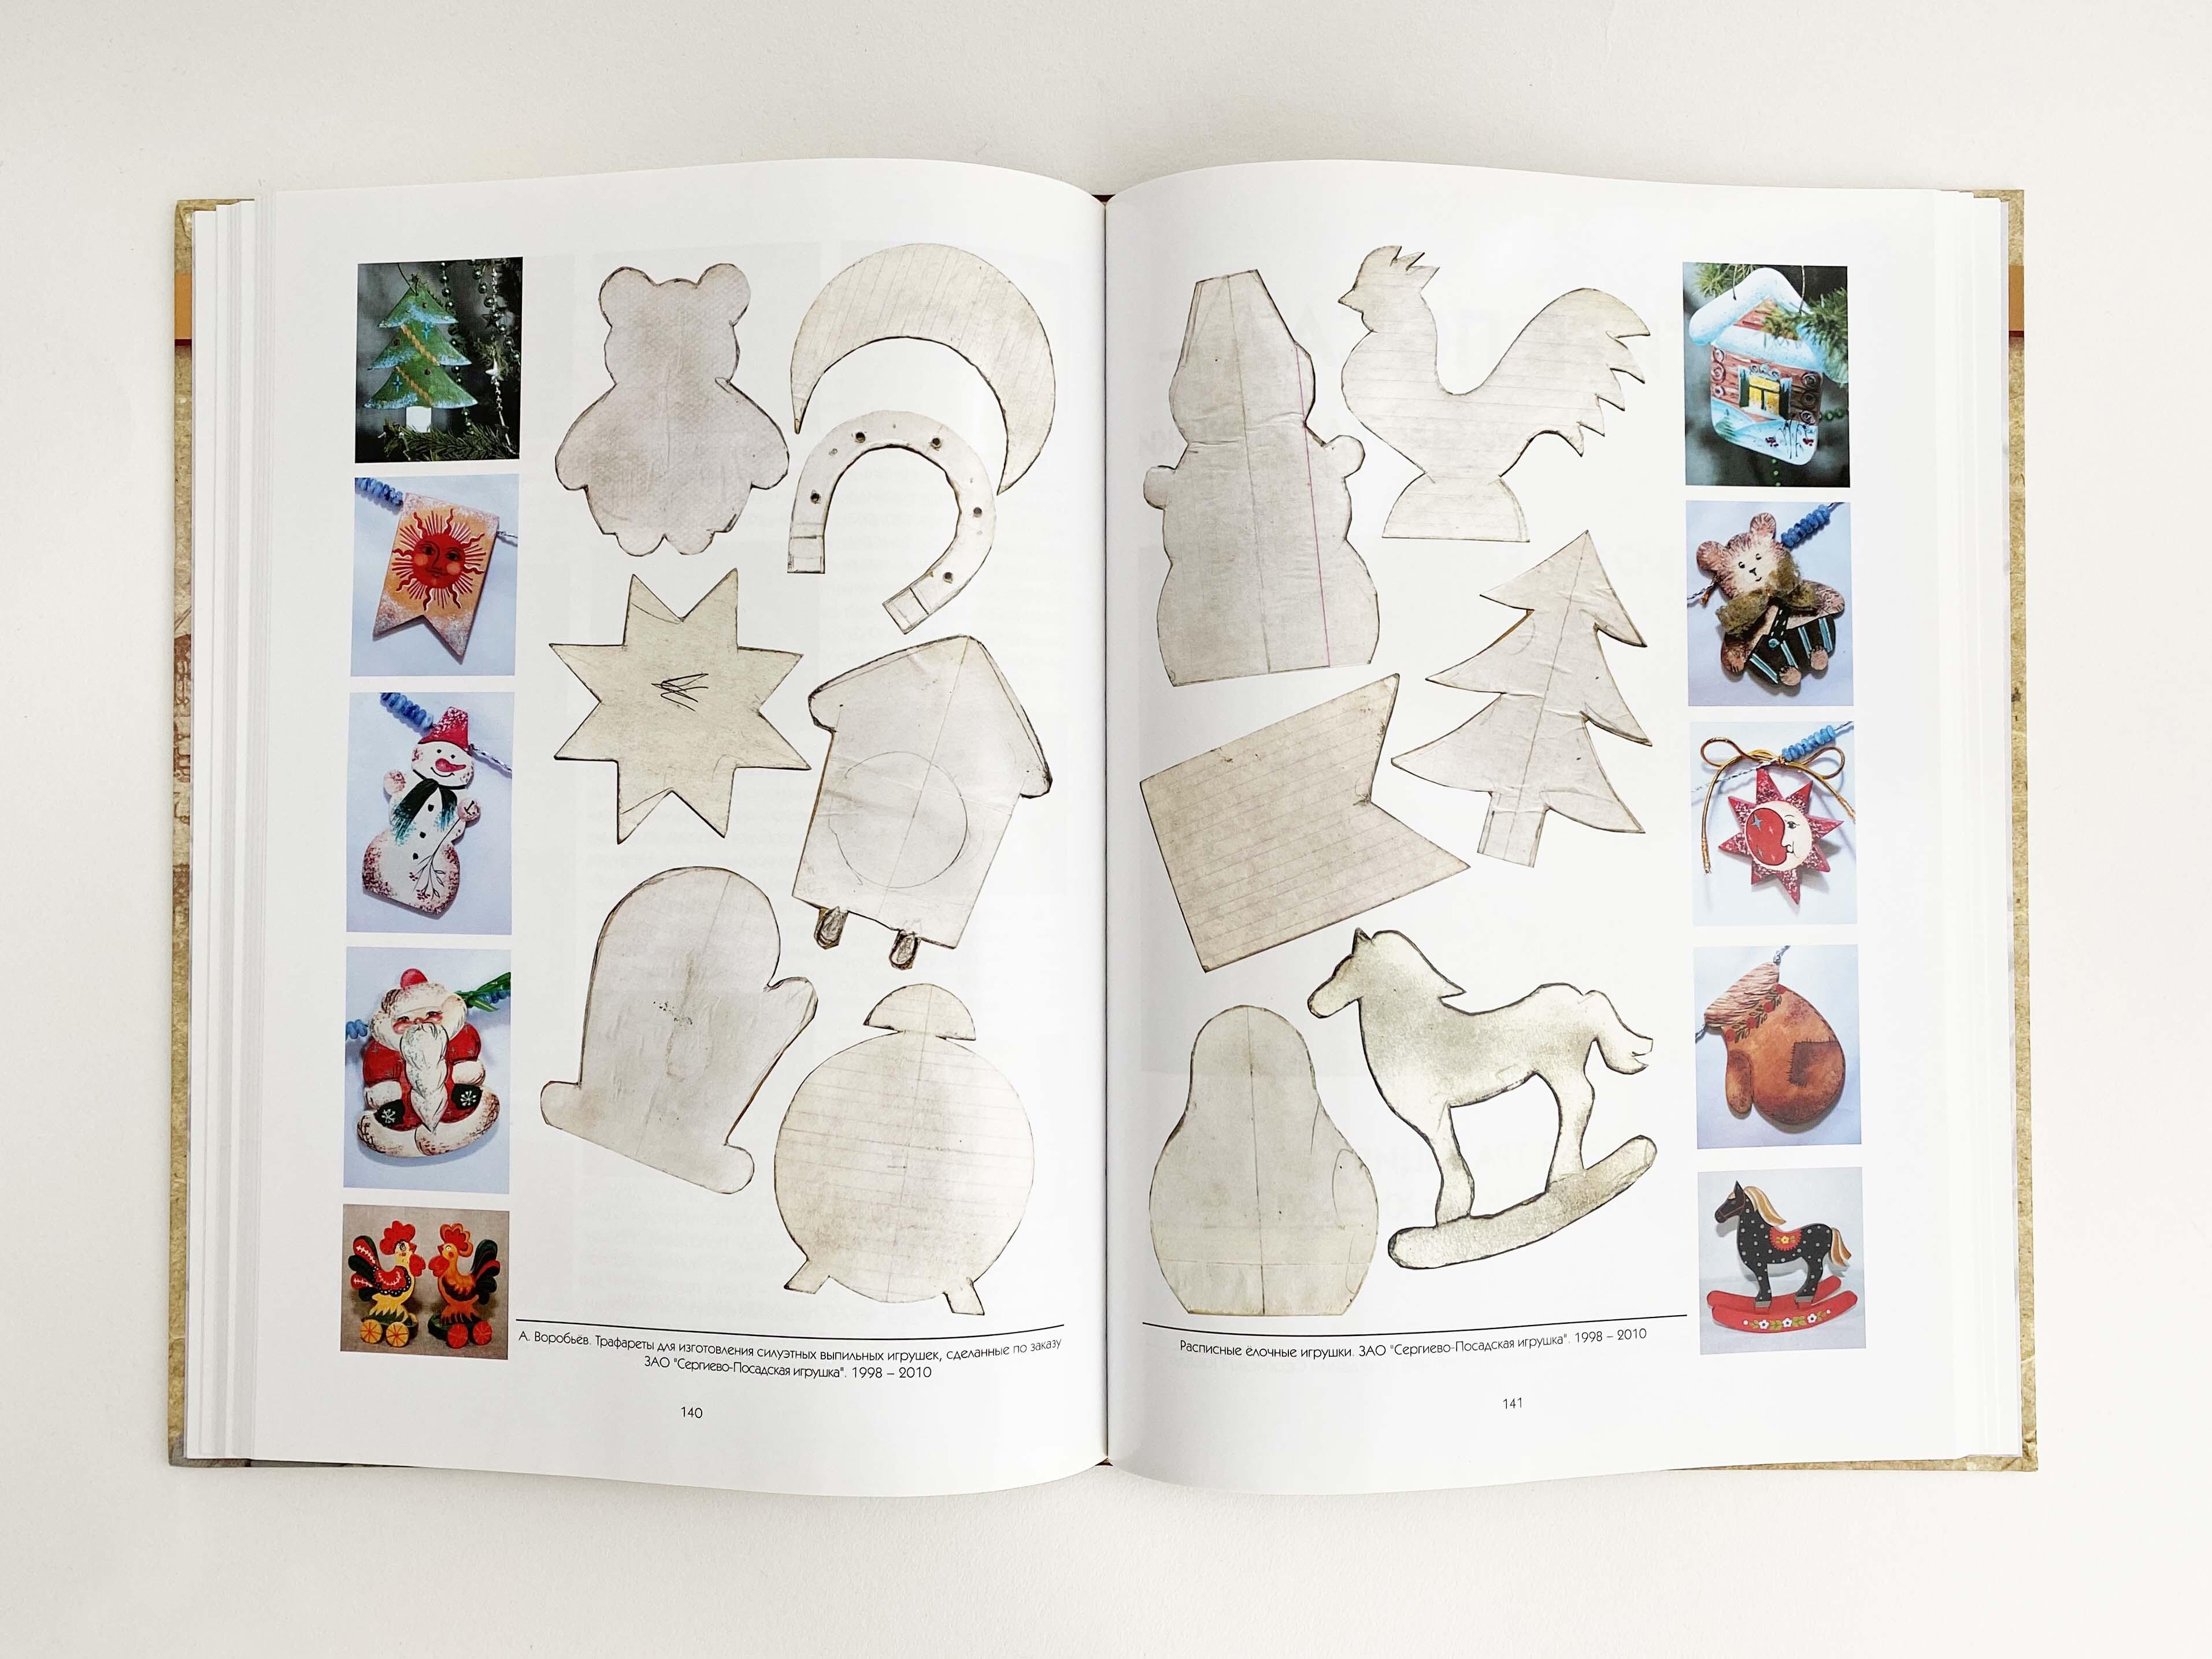 ロシア玩具図鑑3(セルギエフ・ポサードはおもちゃの工房)